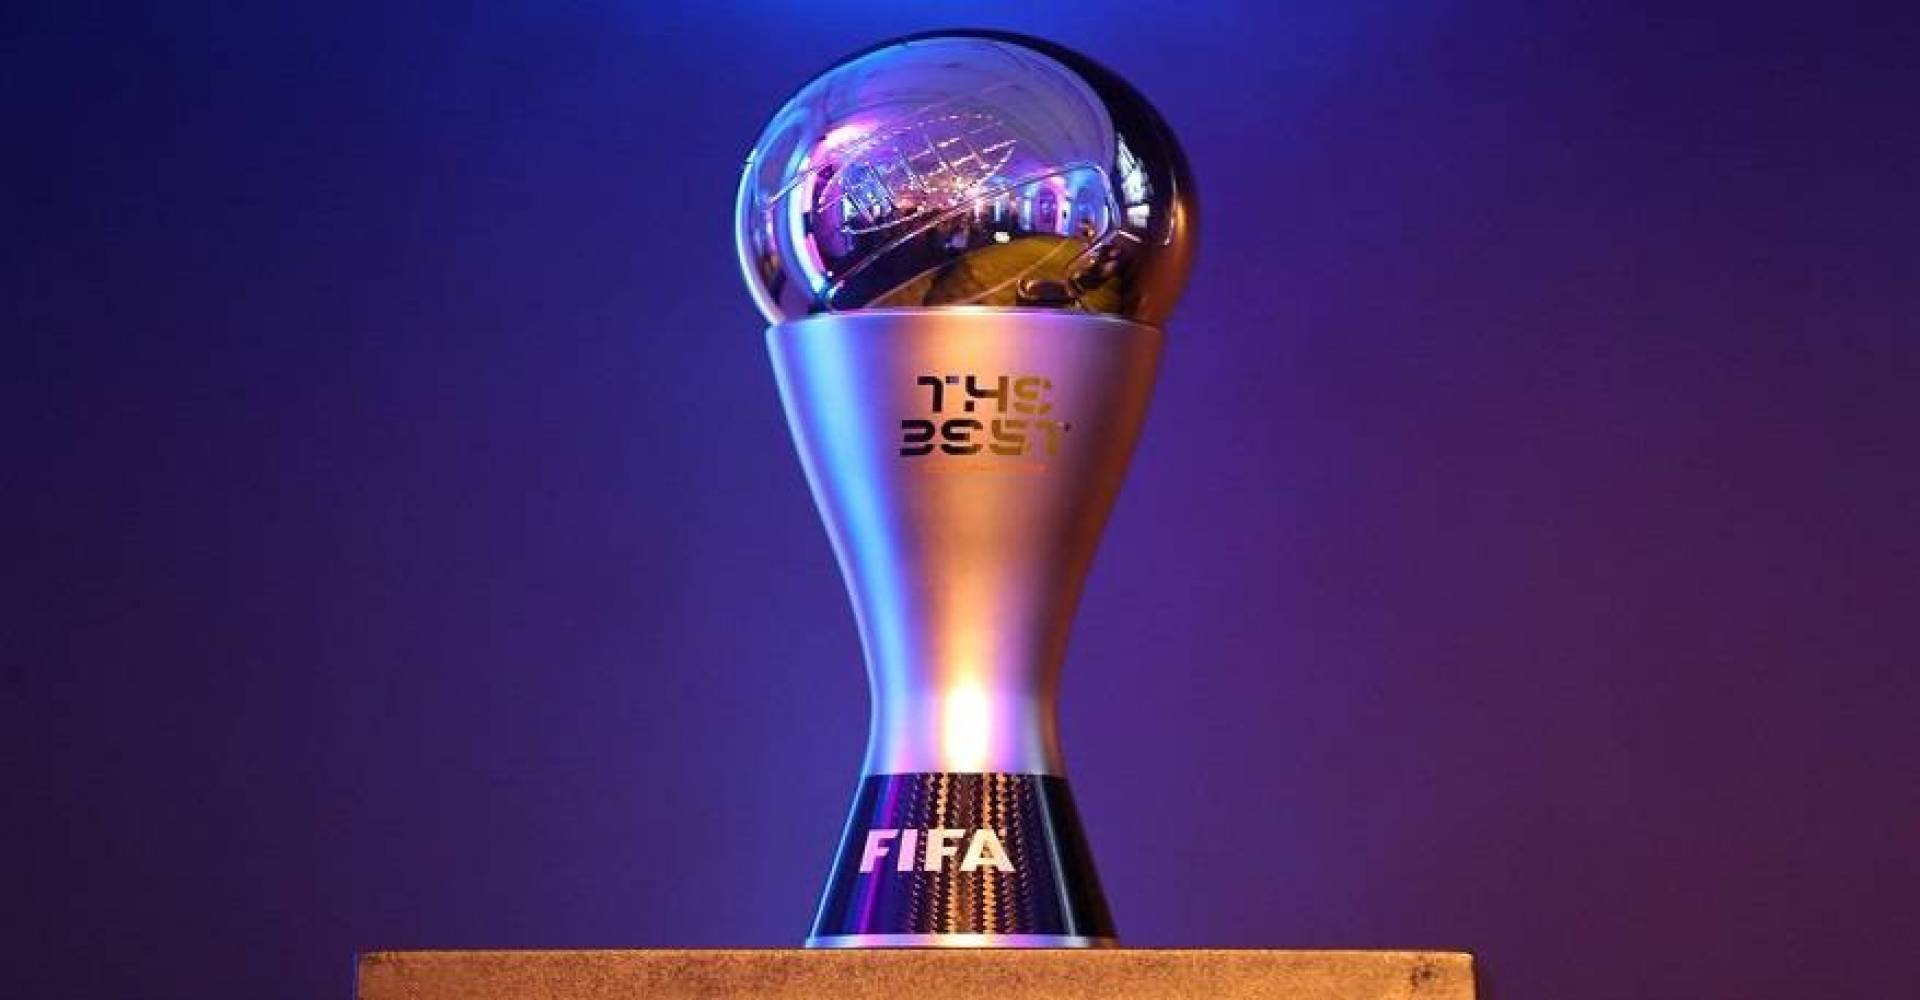 «فيفا» يلغي جائزة أفضل لاعب بالعالم 2020 بسبب كورونا